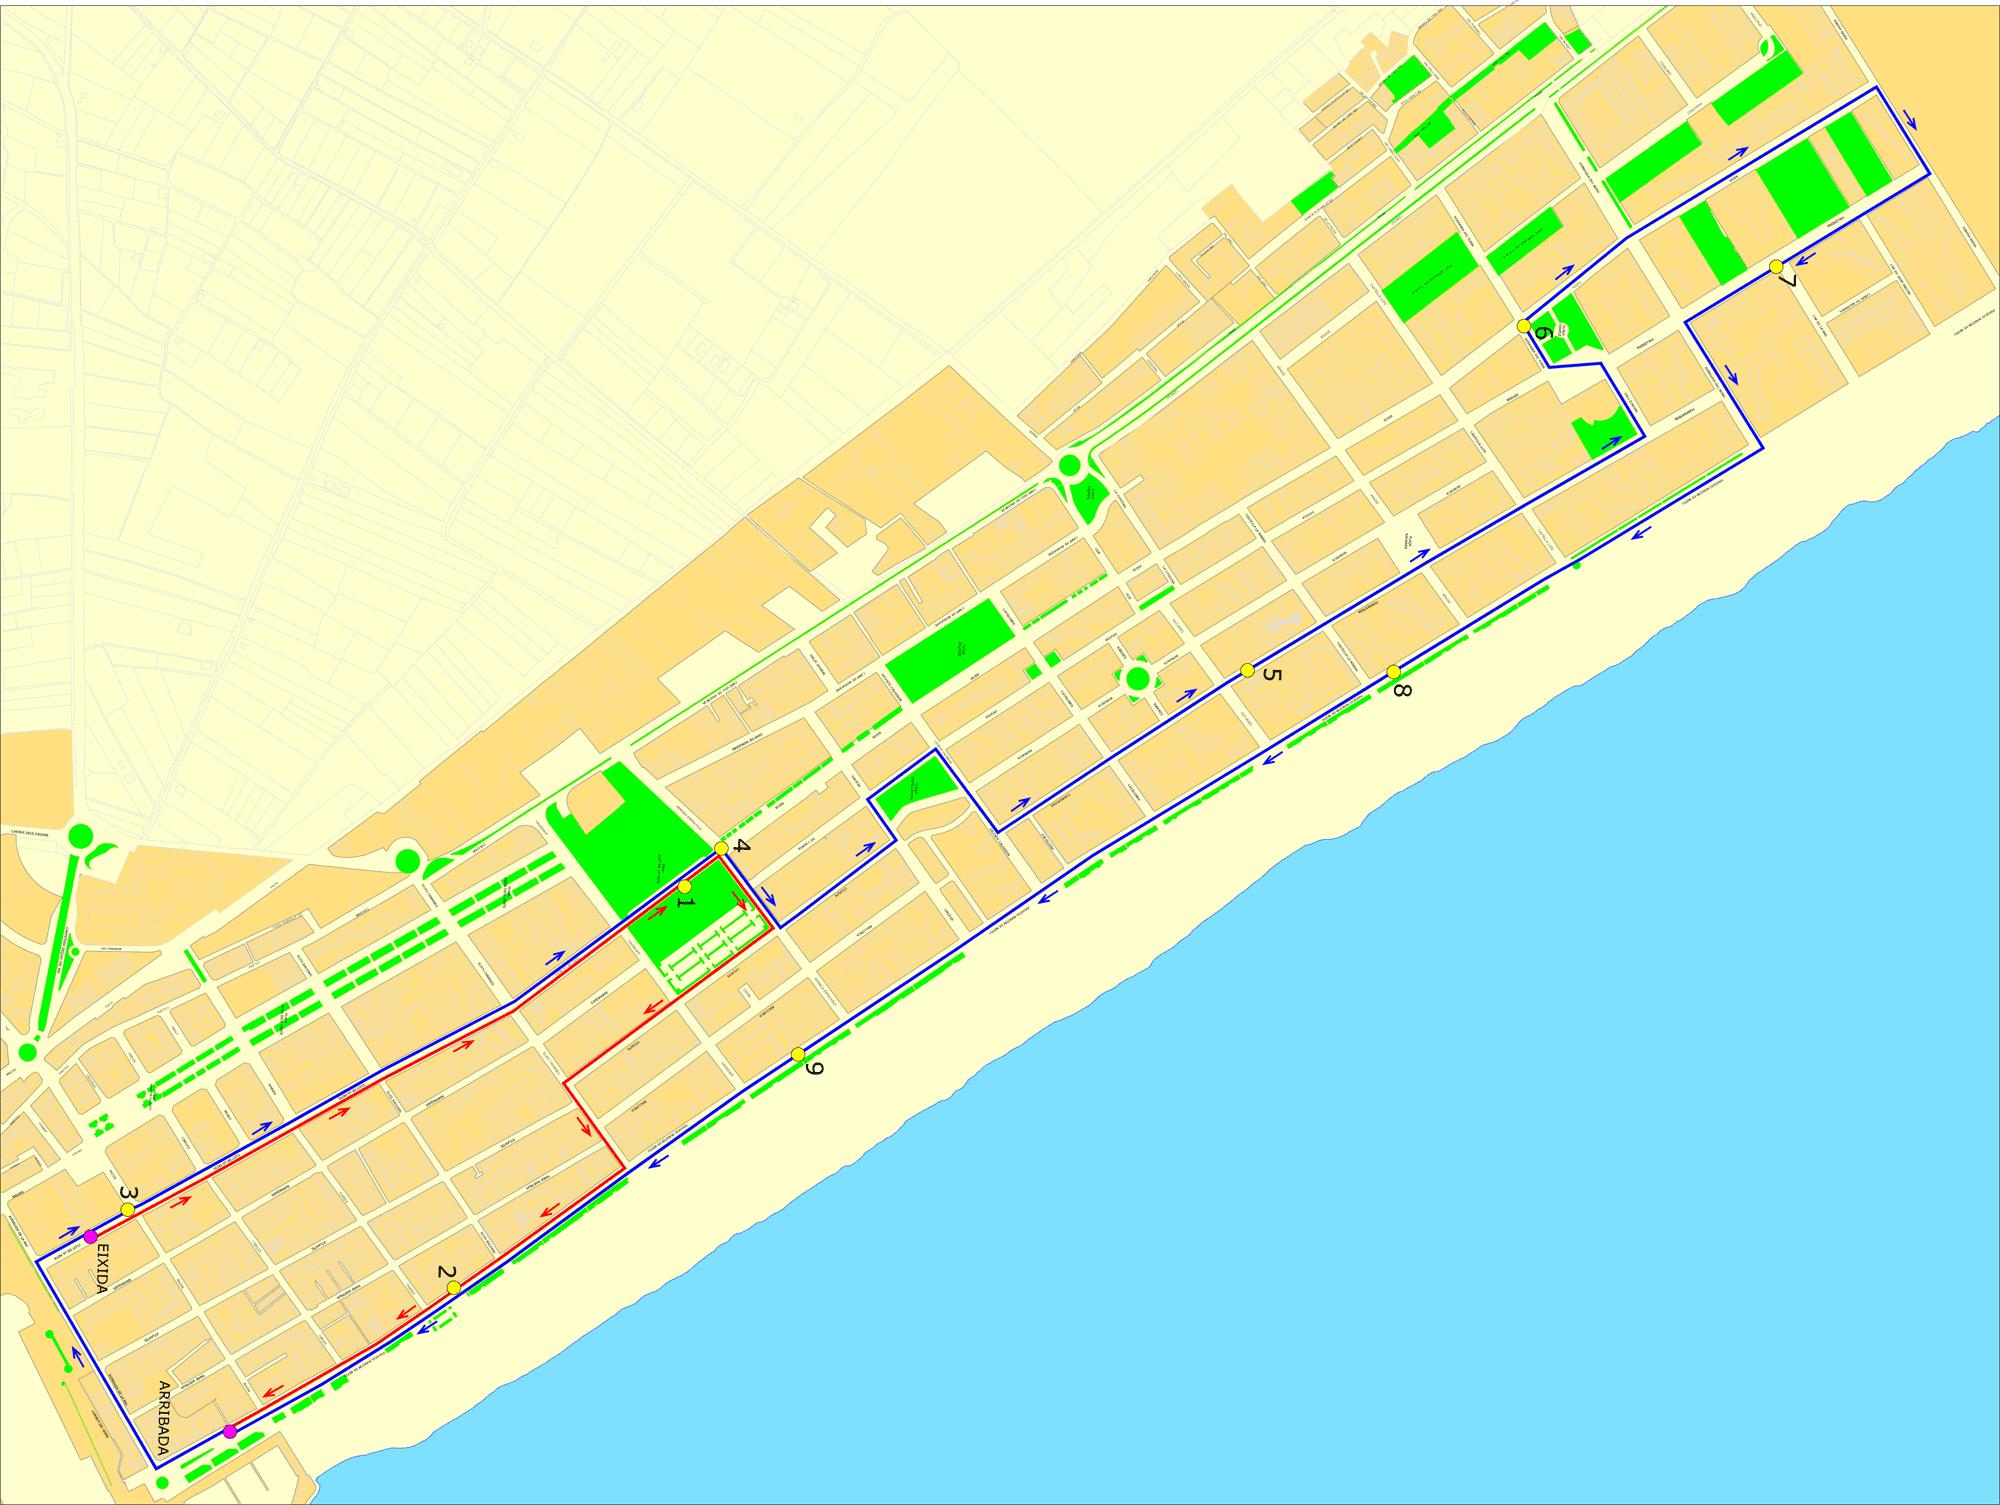 Plano de la carrera nocturna 10K playa de Gandia